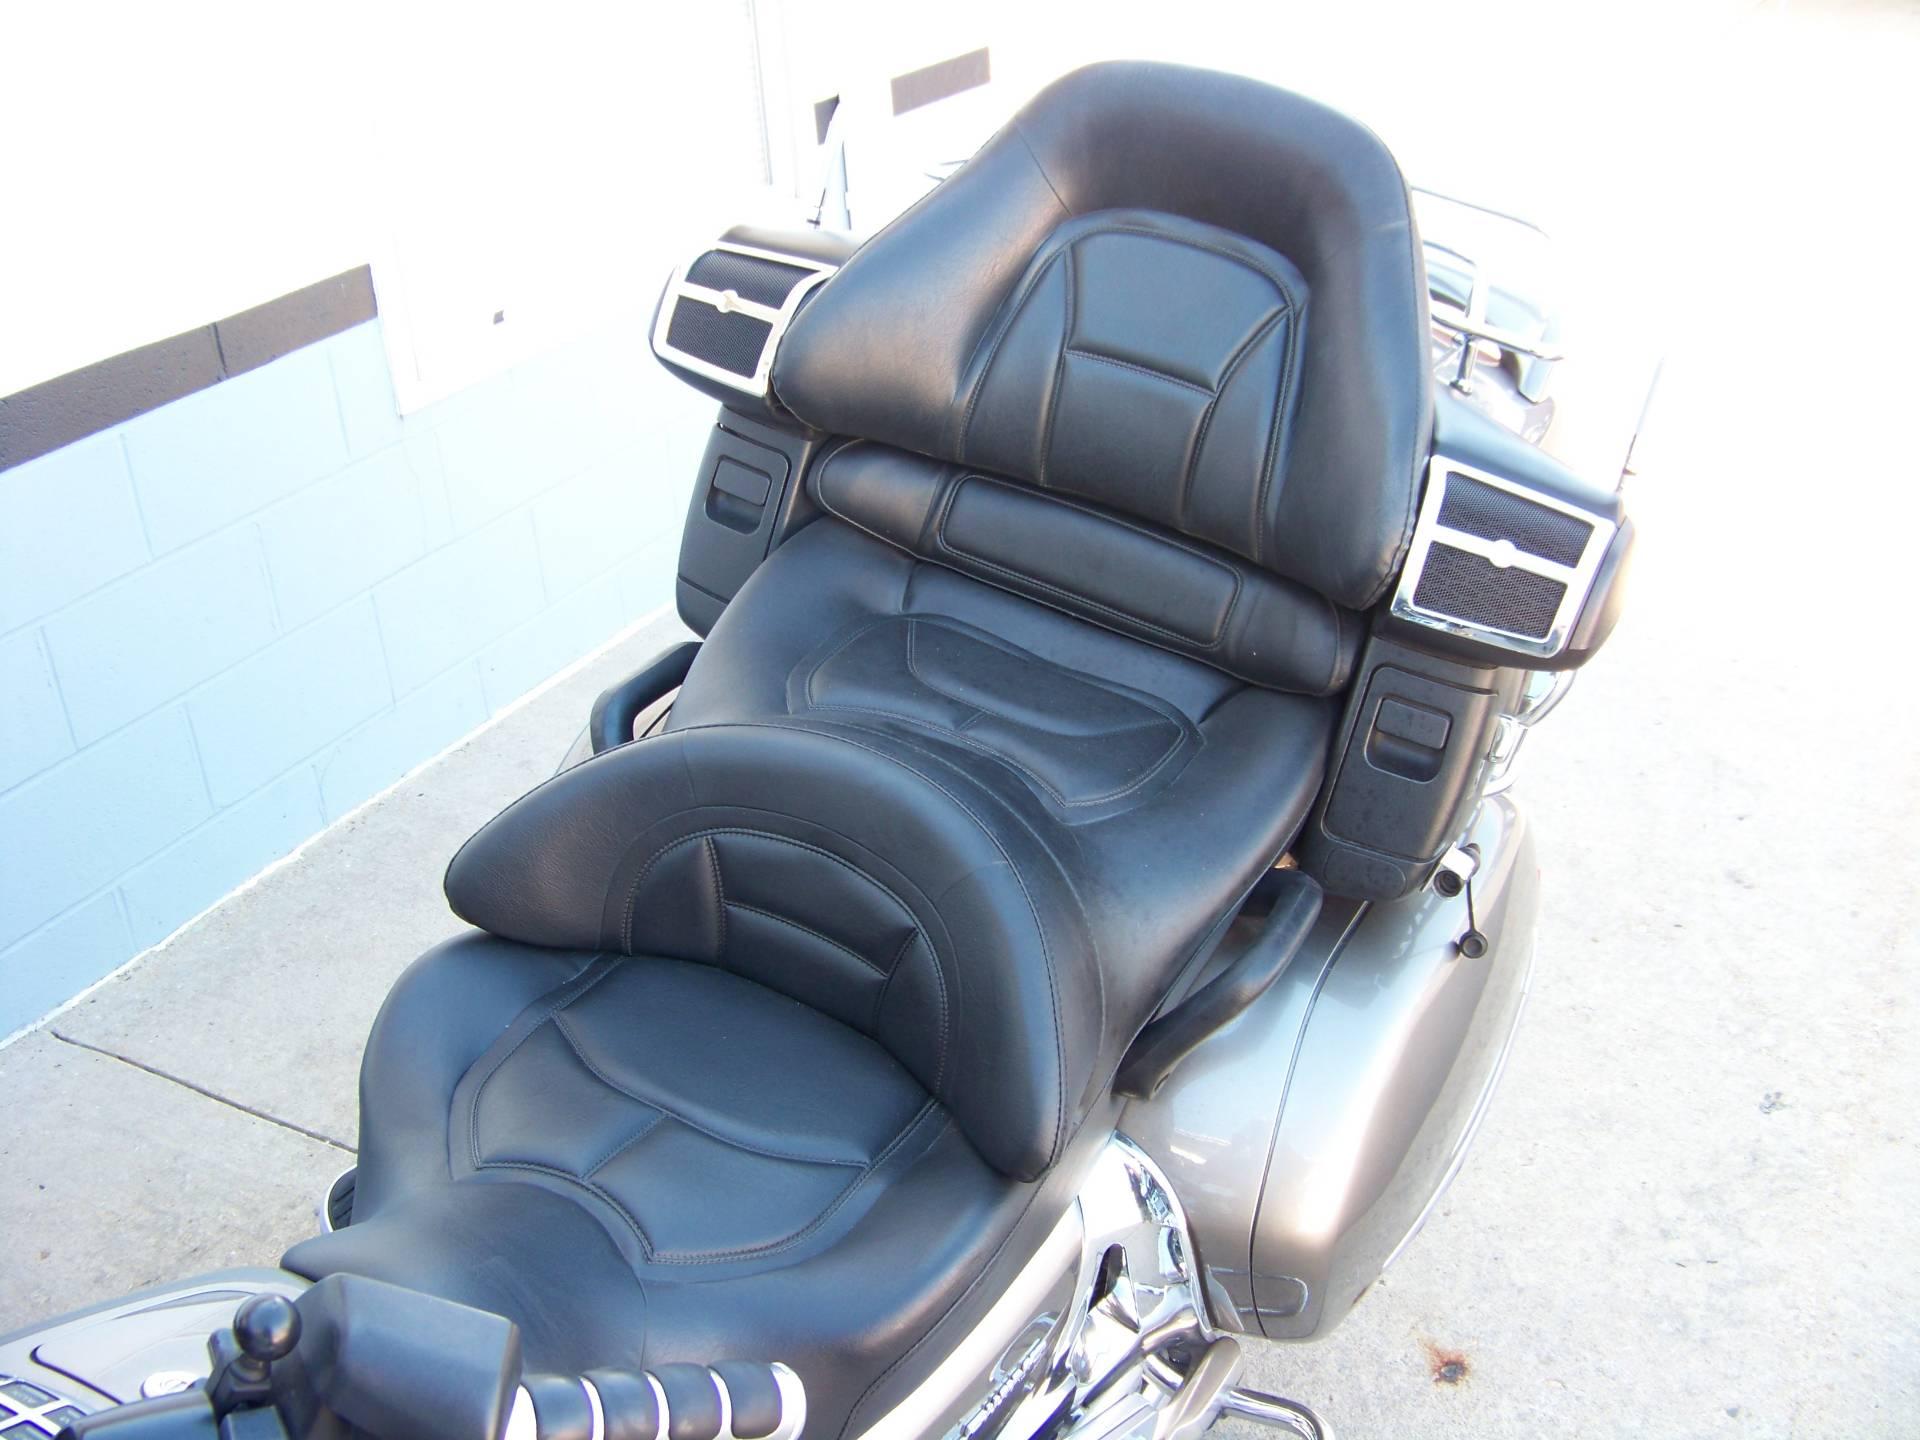 2006 Honda Gold Wing Premium Audio 6